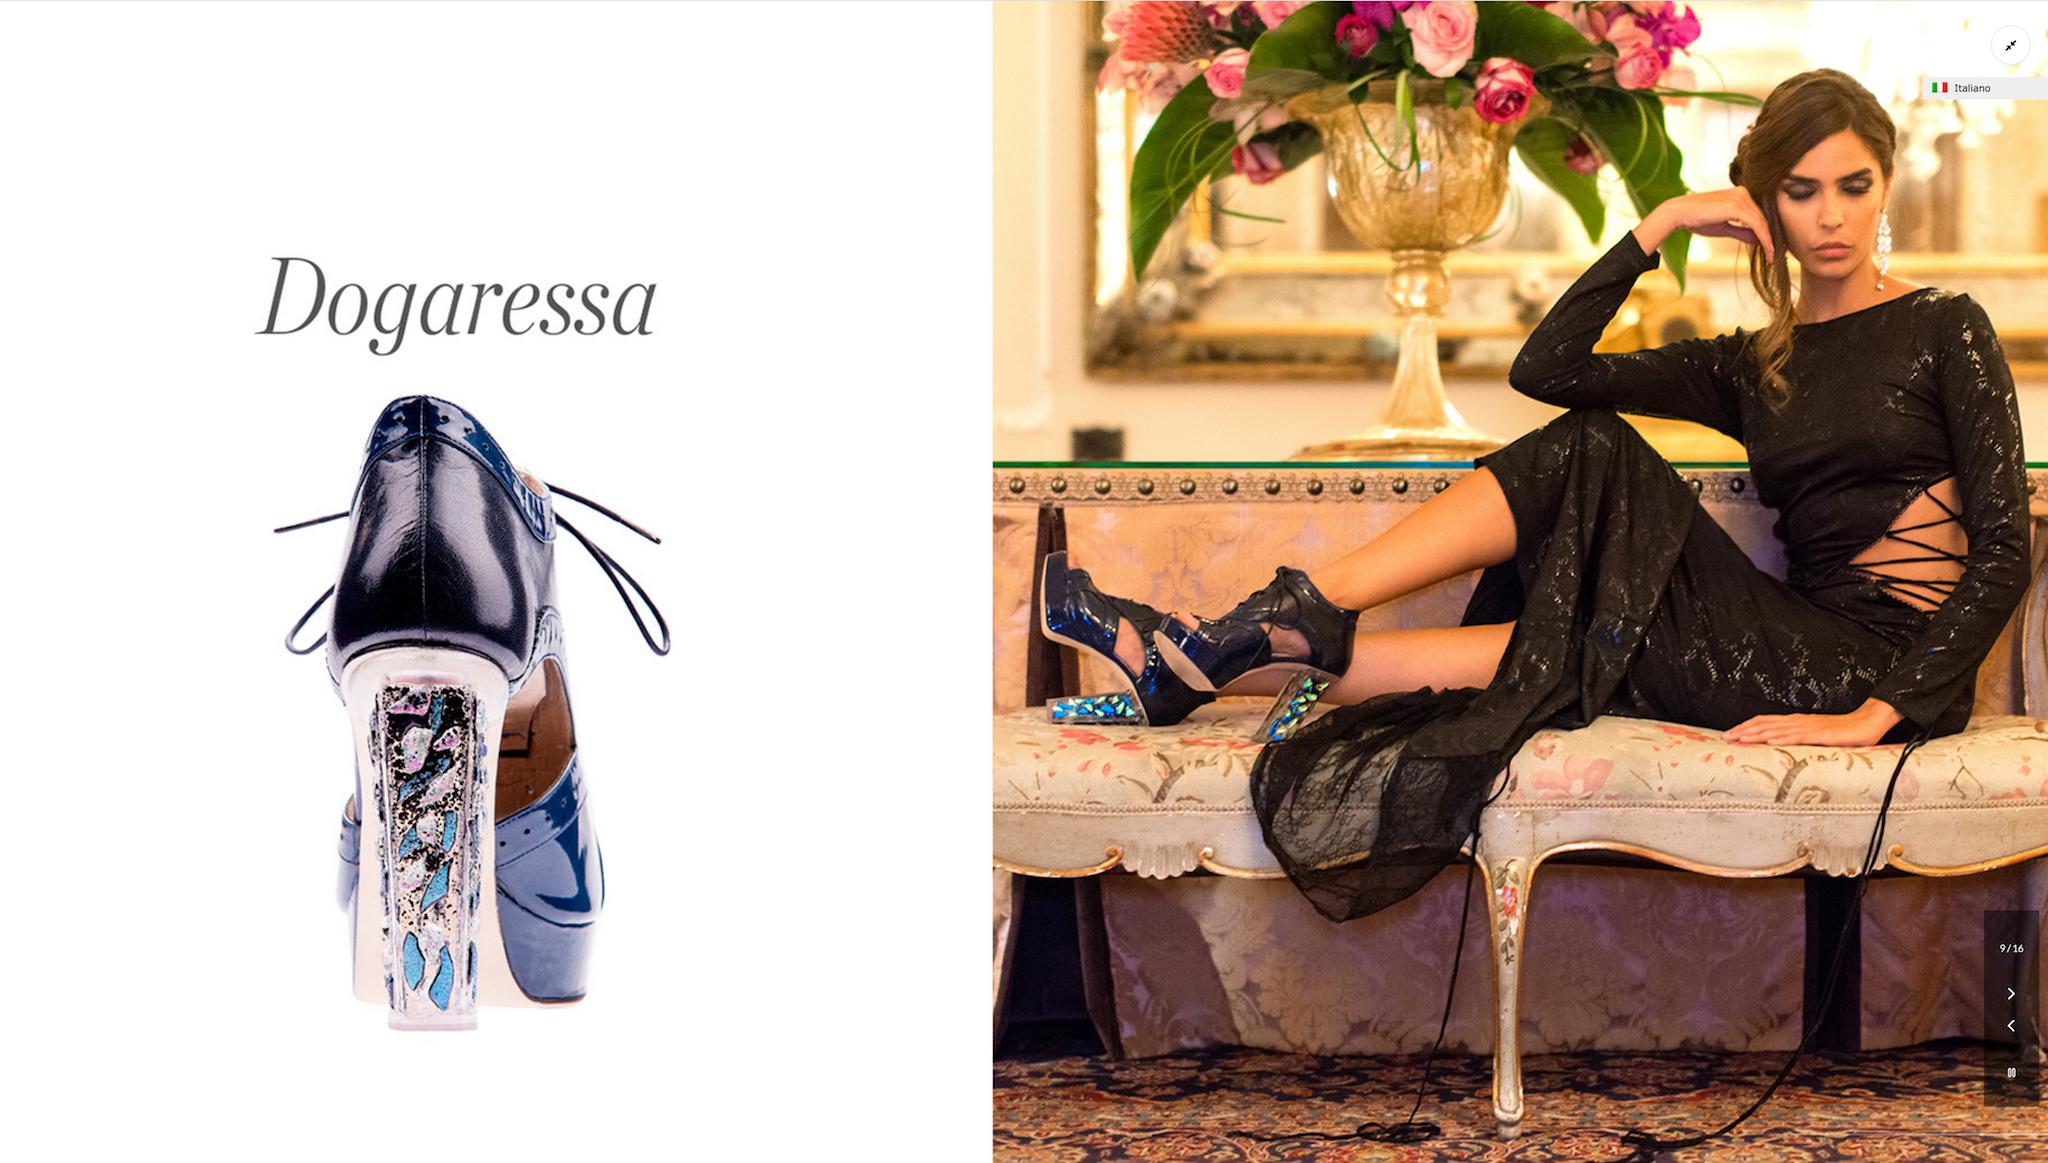 Laminafra Luxury Shoes - Still life e fashion catalogue for www.laminafra.it